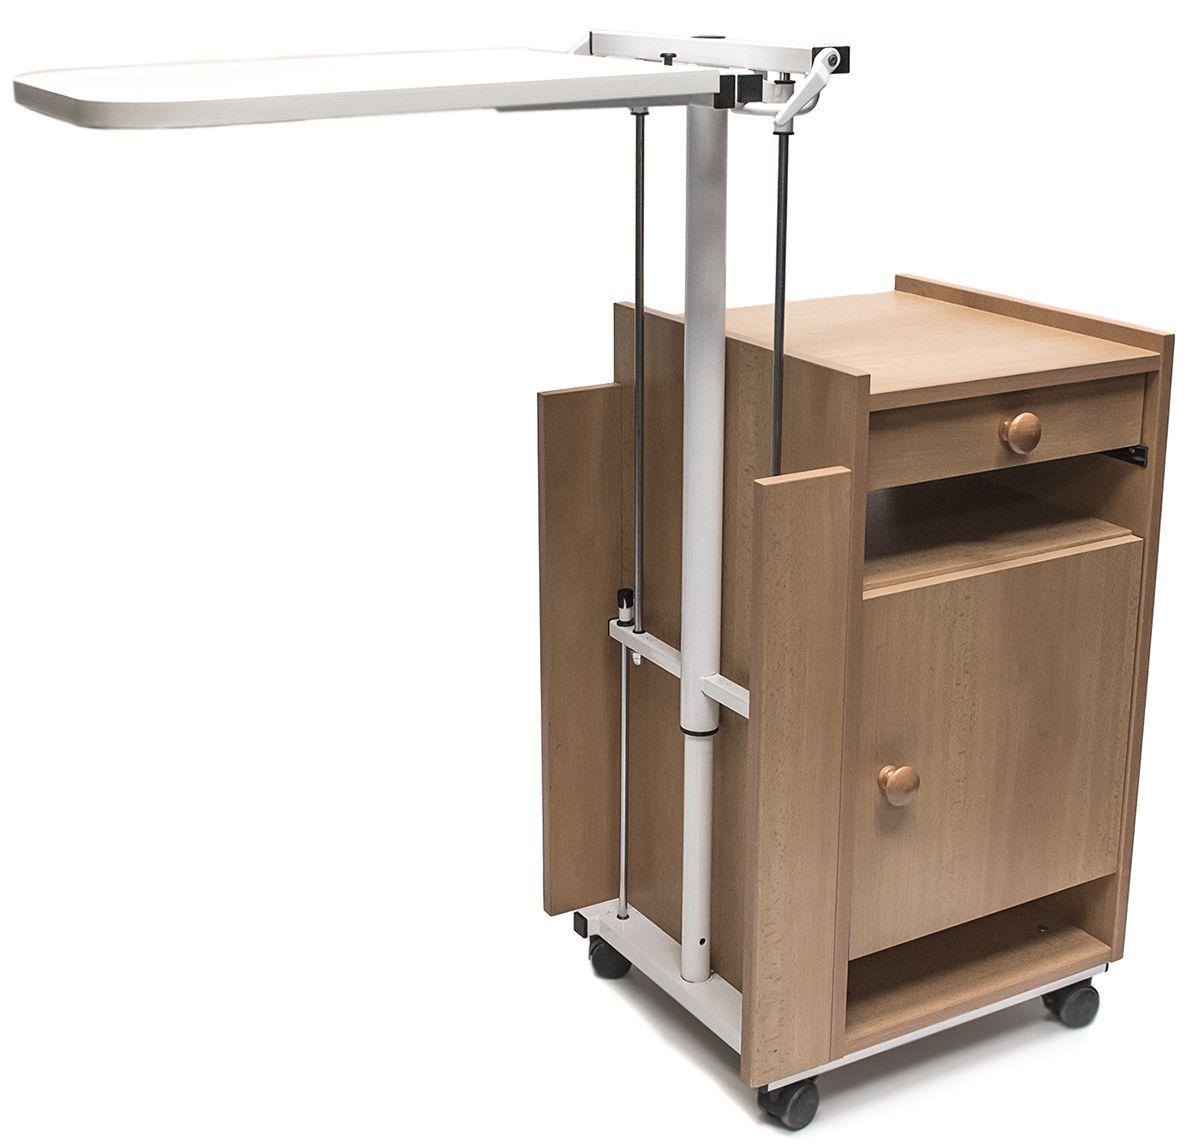 Nachttisch Beistelltisch Betttisch Nachtschrank Krankenhaus Reha